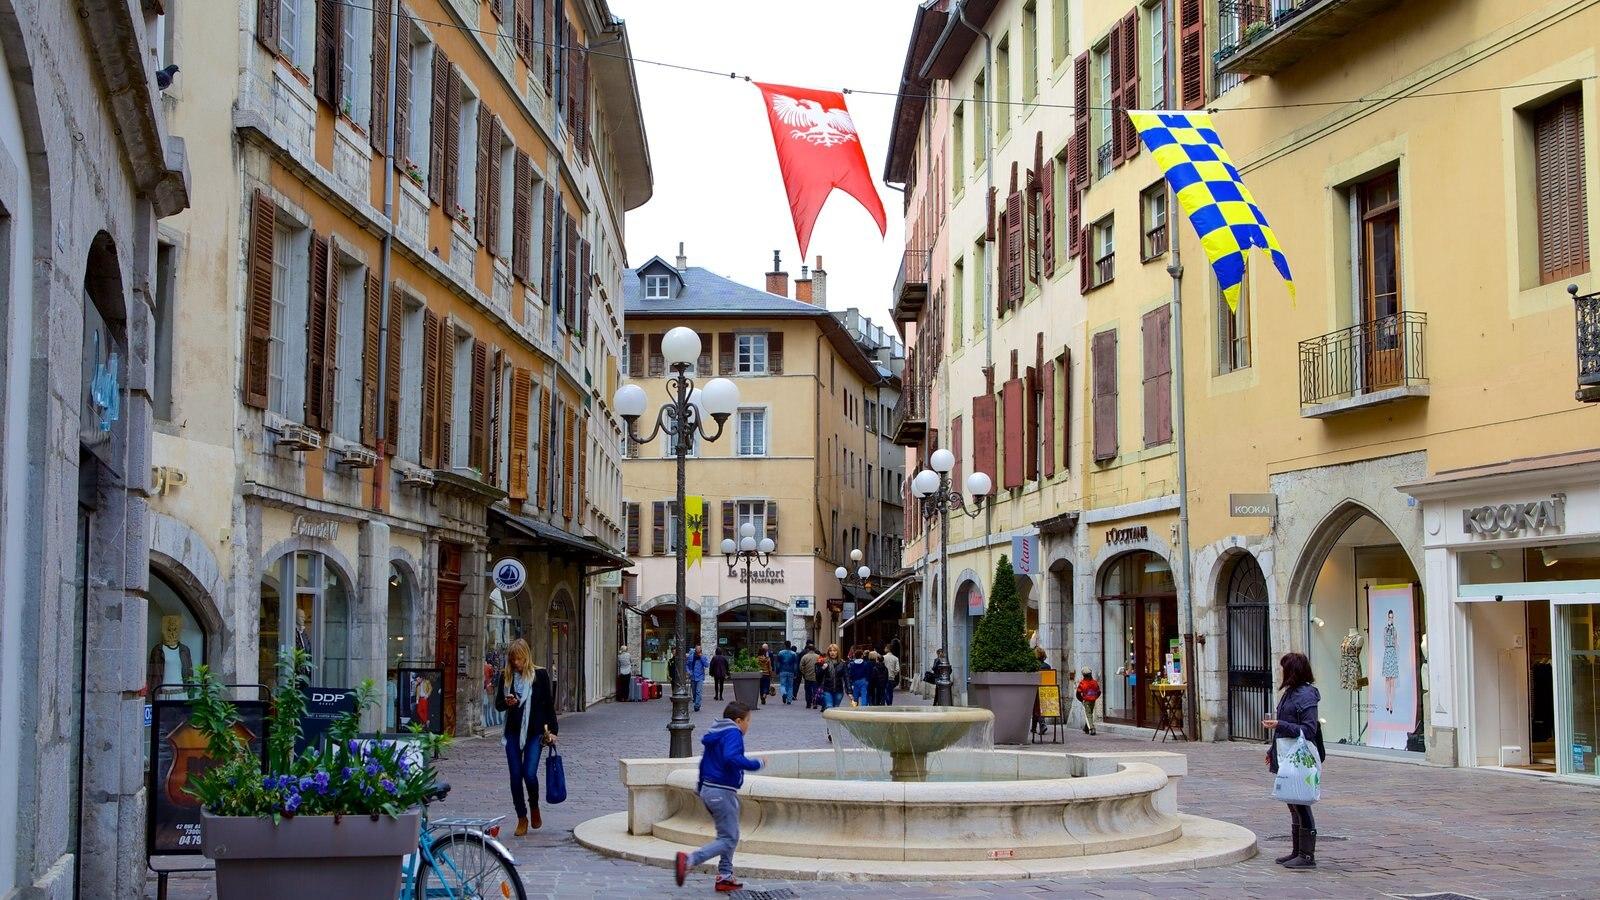 Chambery que inclui arquitetura de patrimônio, cenas de rua e uma fonte